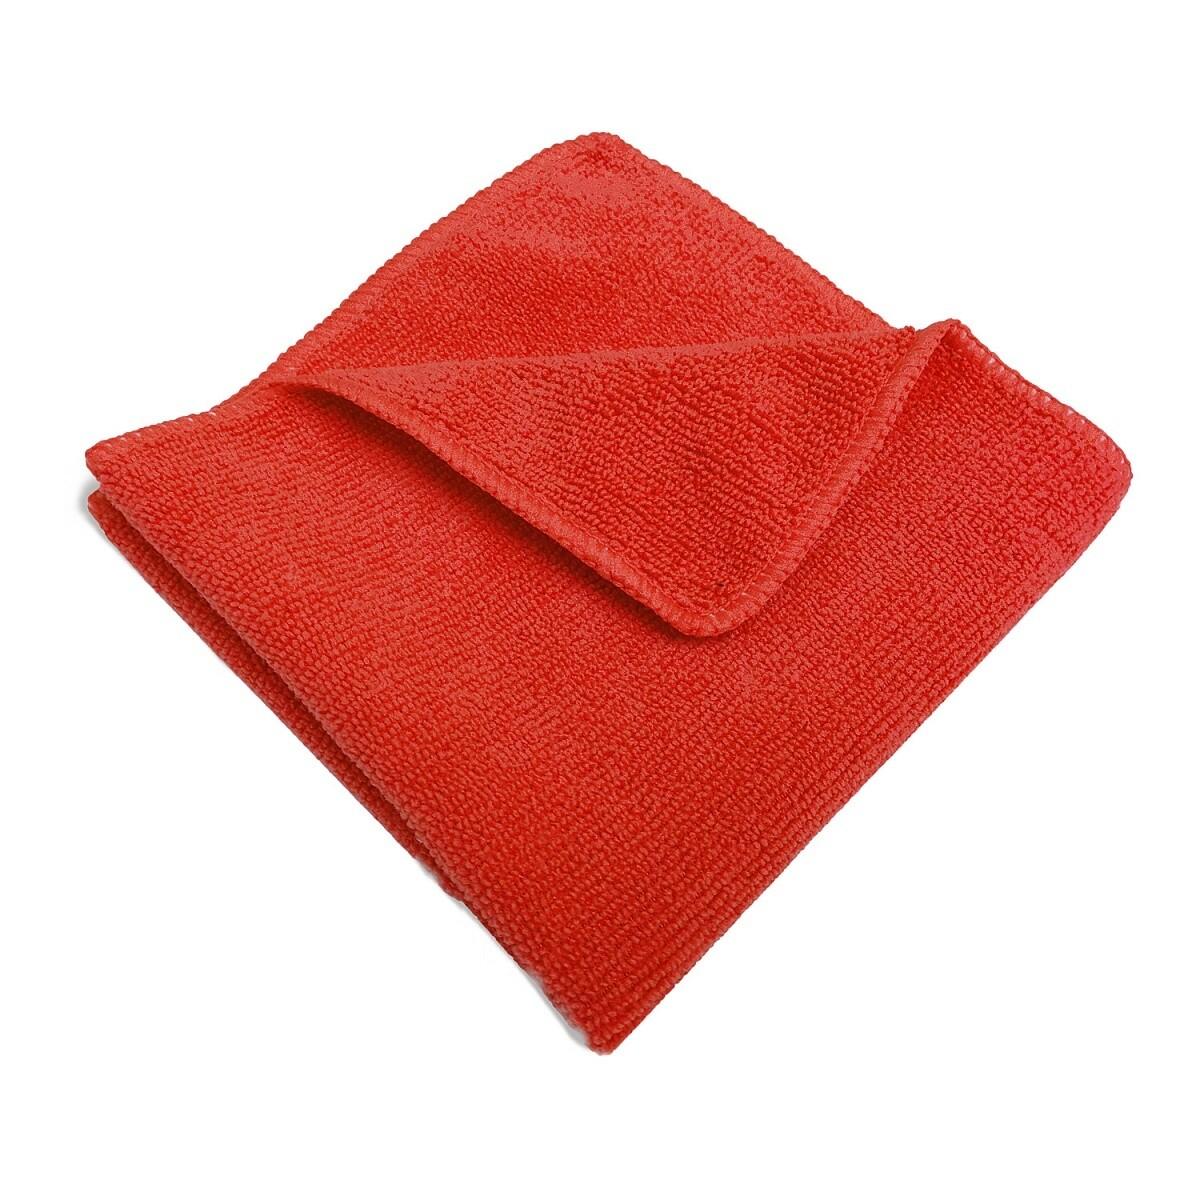 Салфетка микрофибра 220 г/м 30*30 см, цвет красный